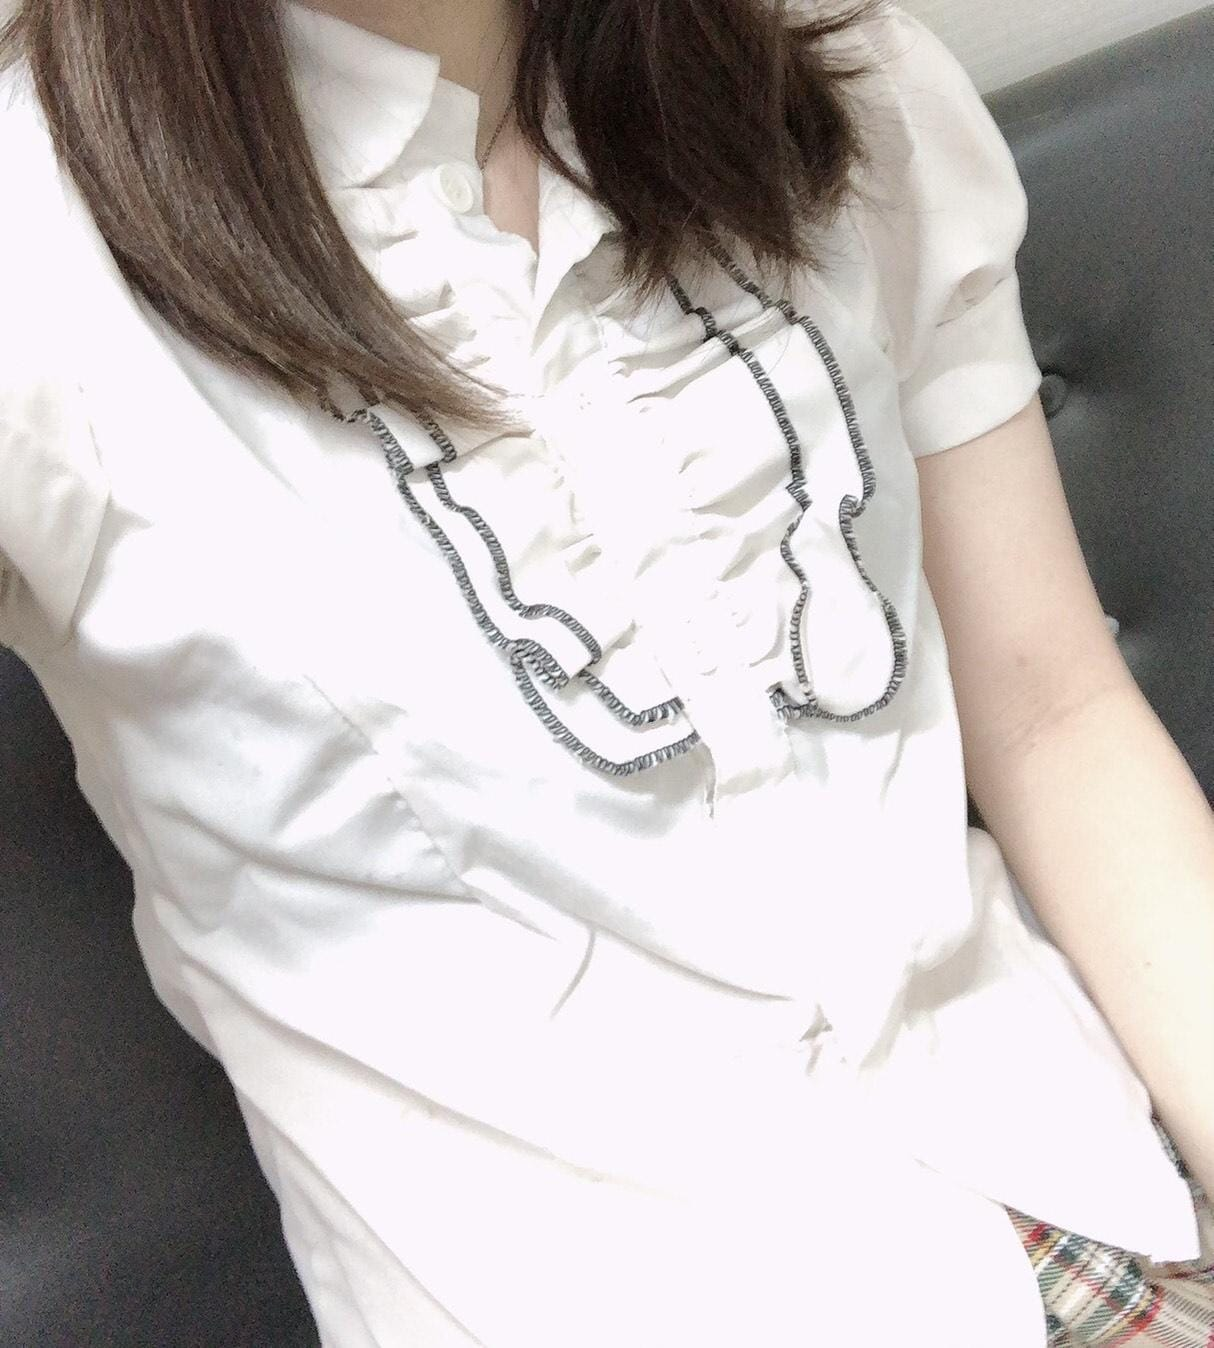 「こんばんは」08/31(火) 19:07   みづき☆新人の写メ日記